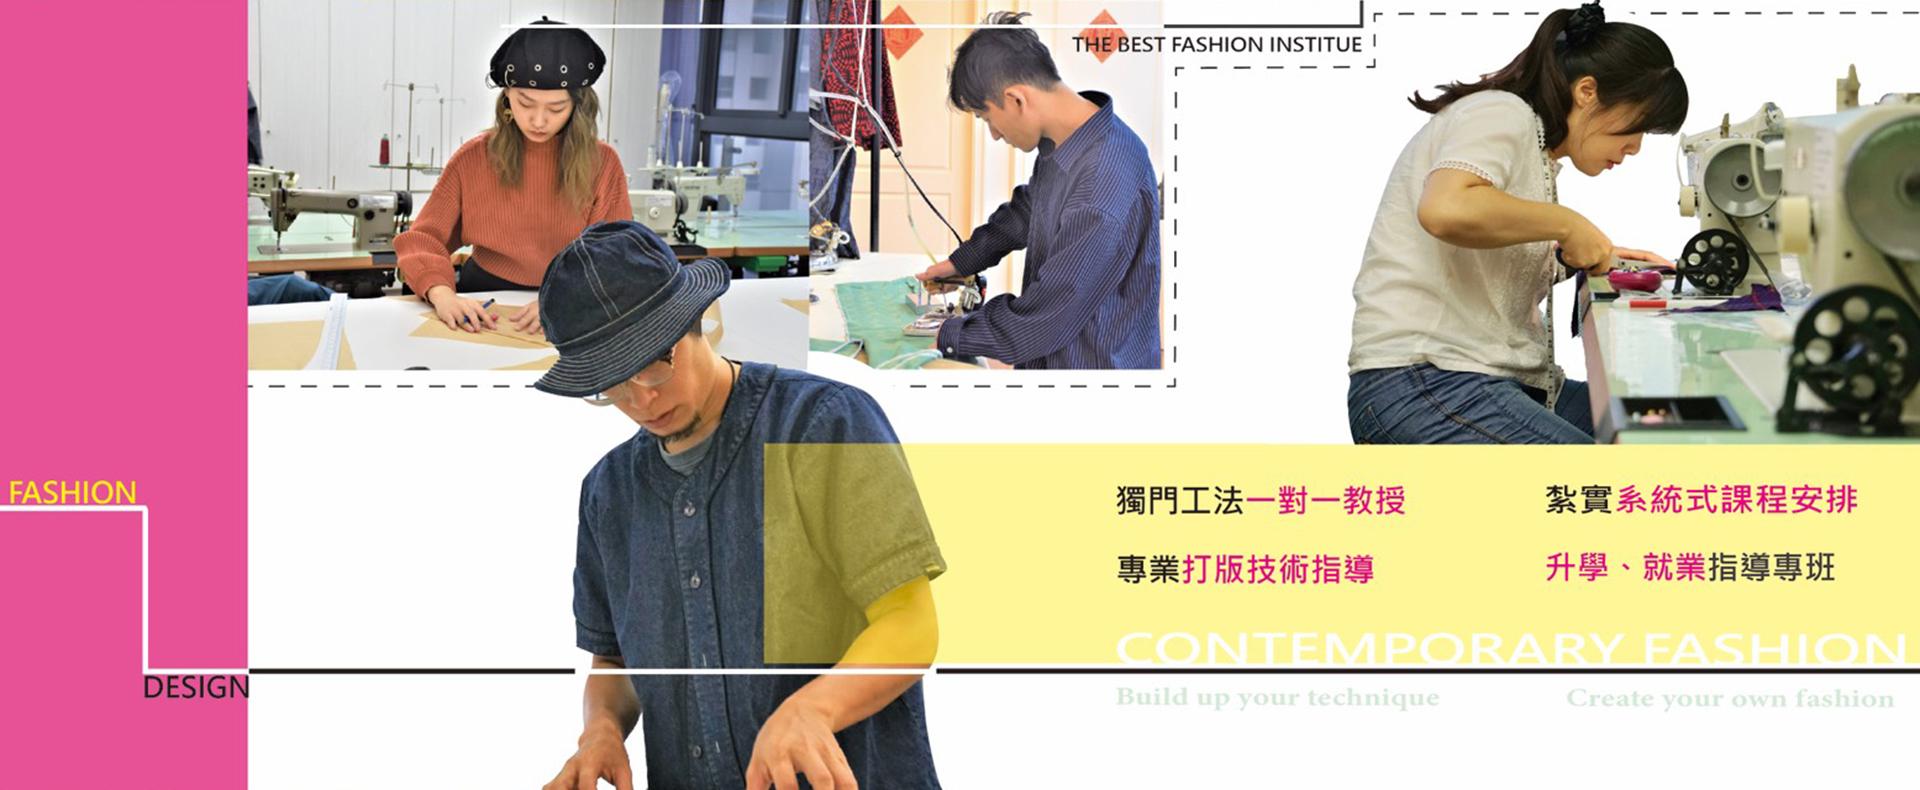 京巧服裝設計-打版裁紉教學